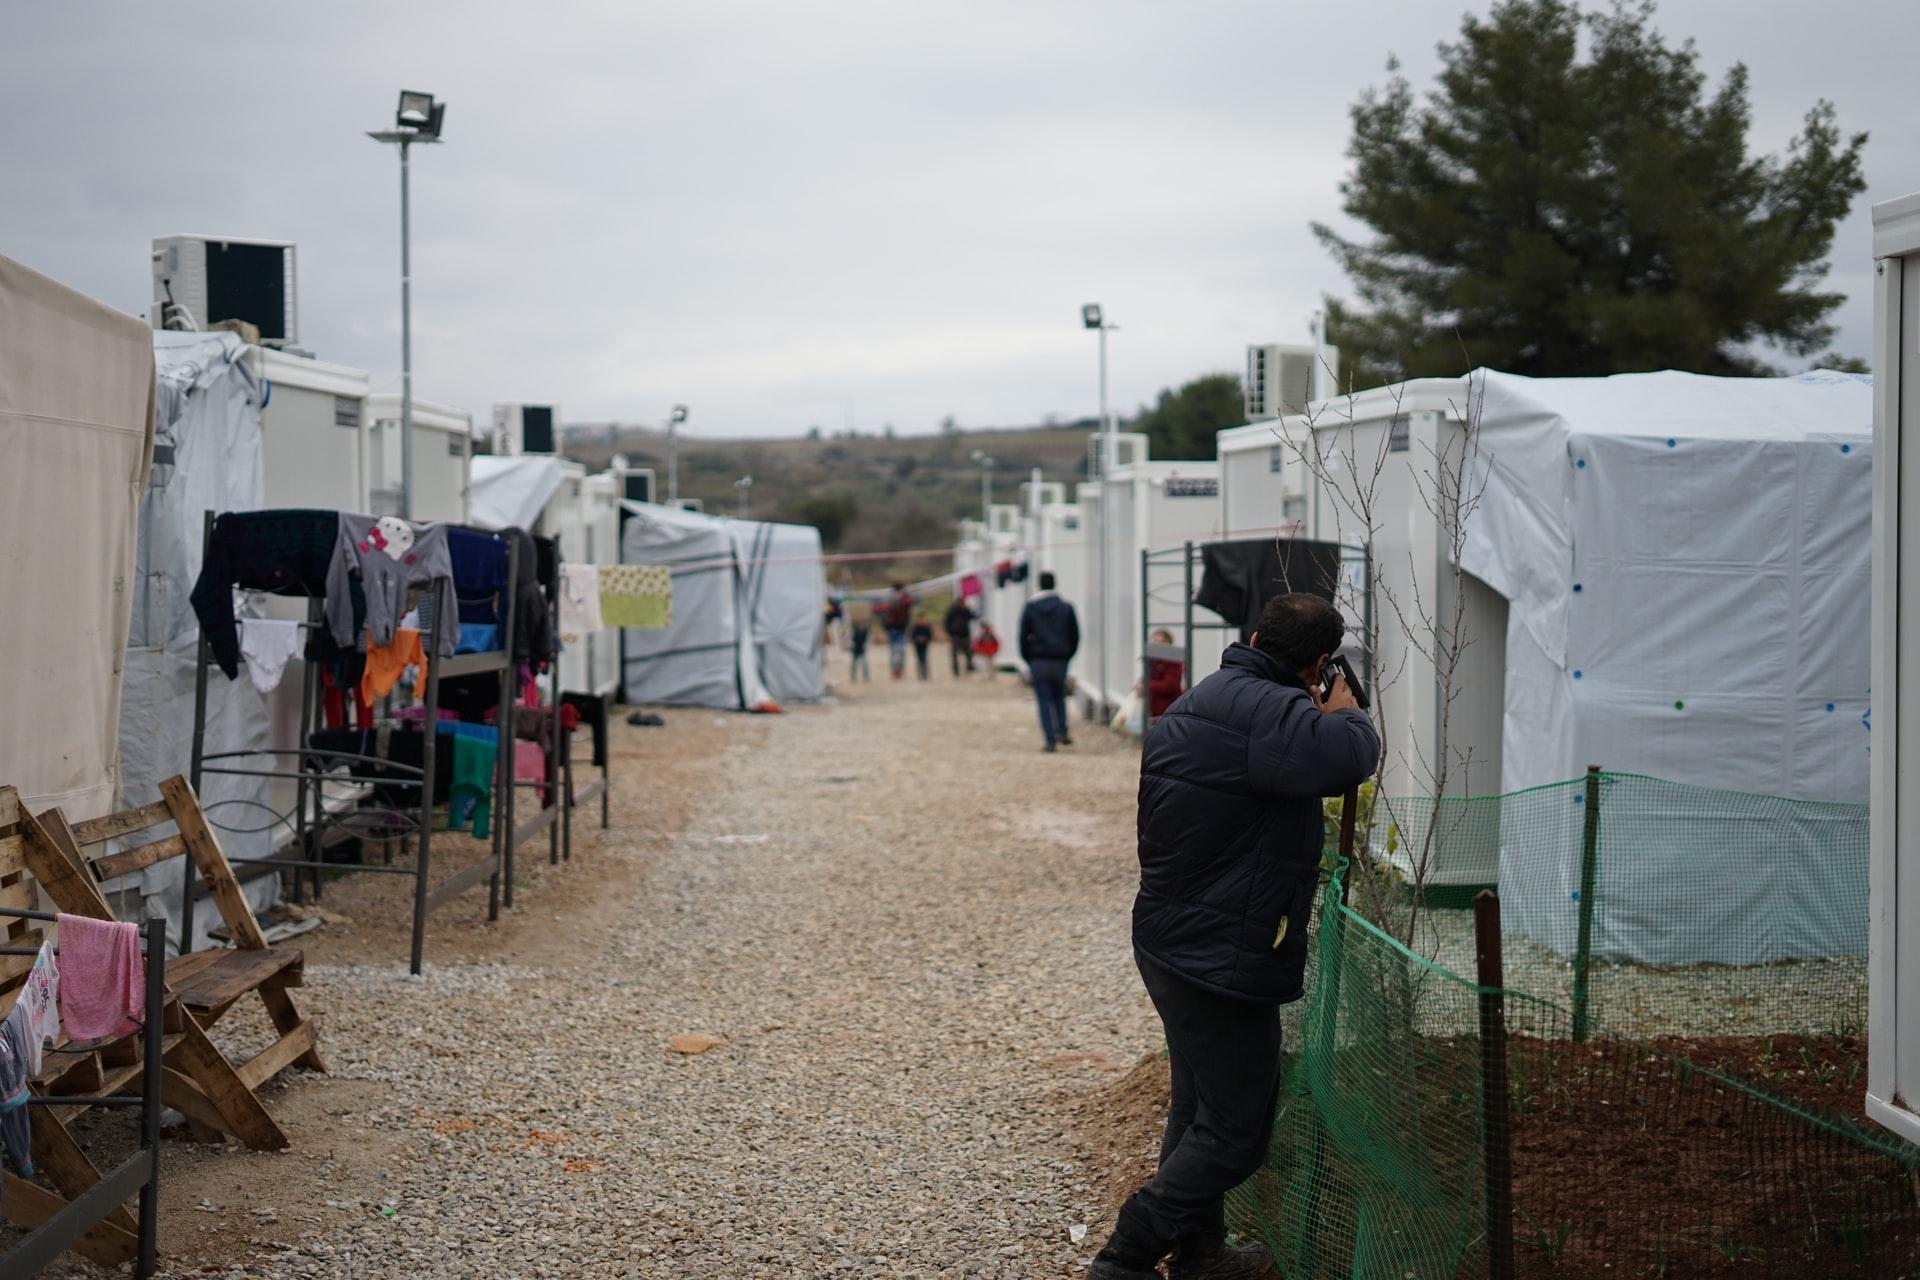 シリア難民の数は世界で最も多い